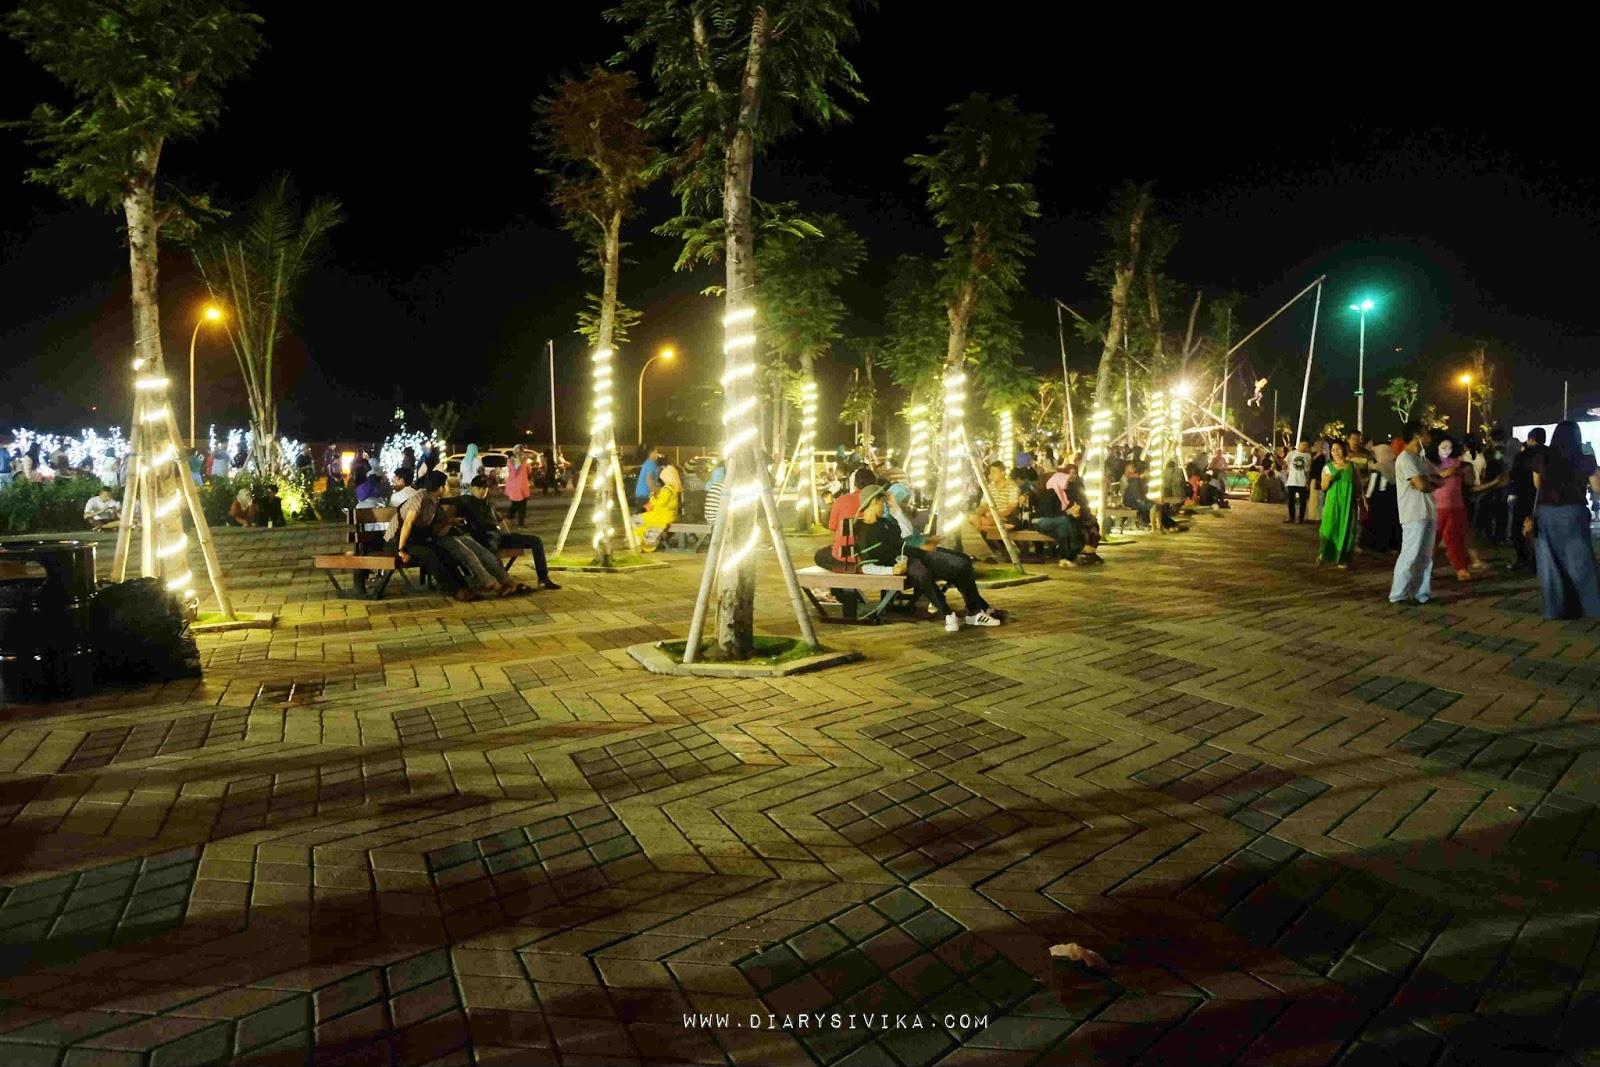 Food Junction Tempat Nongkrong Kuliner Surabaya Tentang Sempat Pesimis Sepi